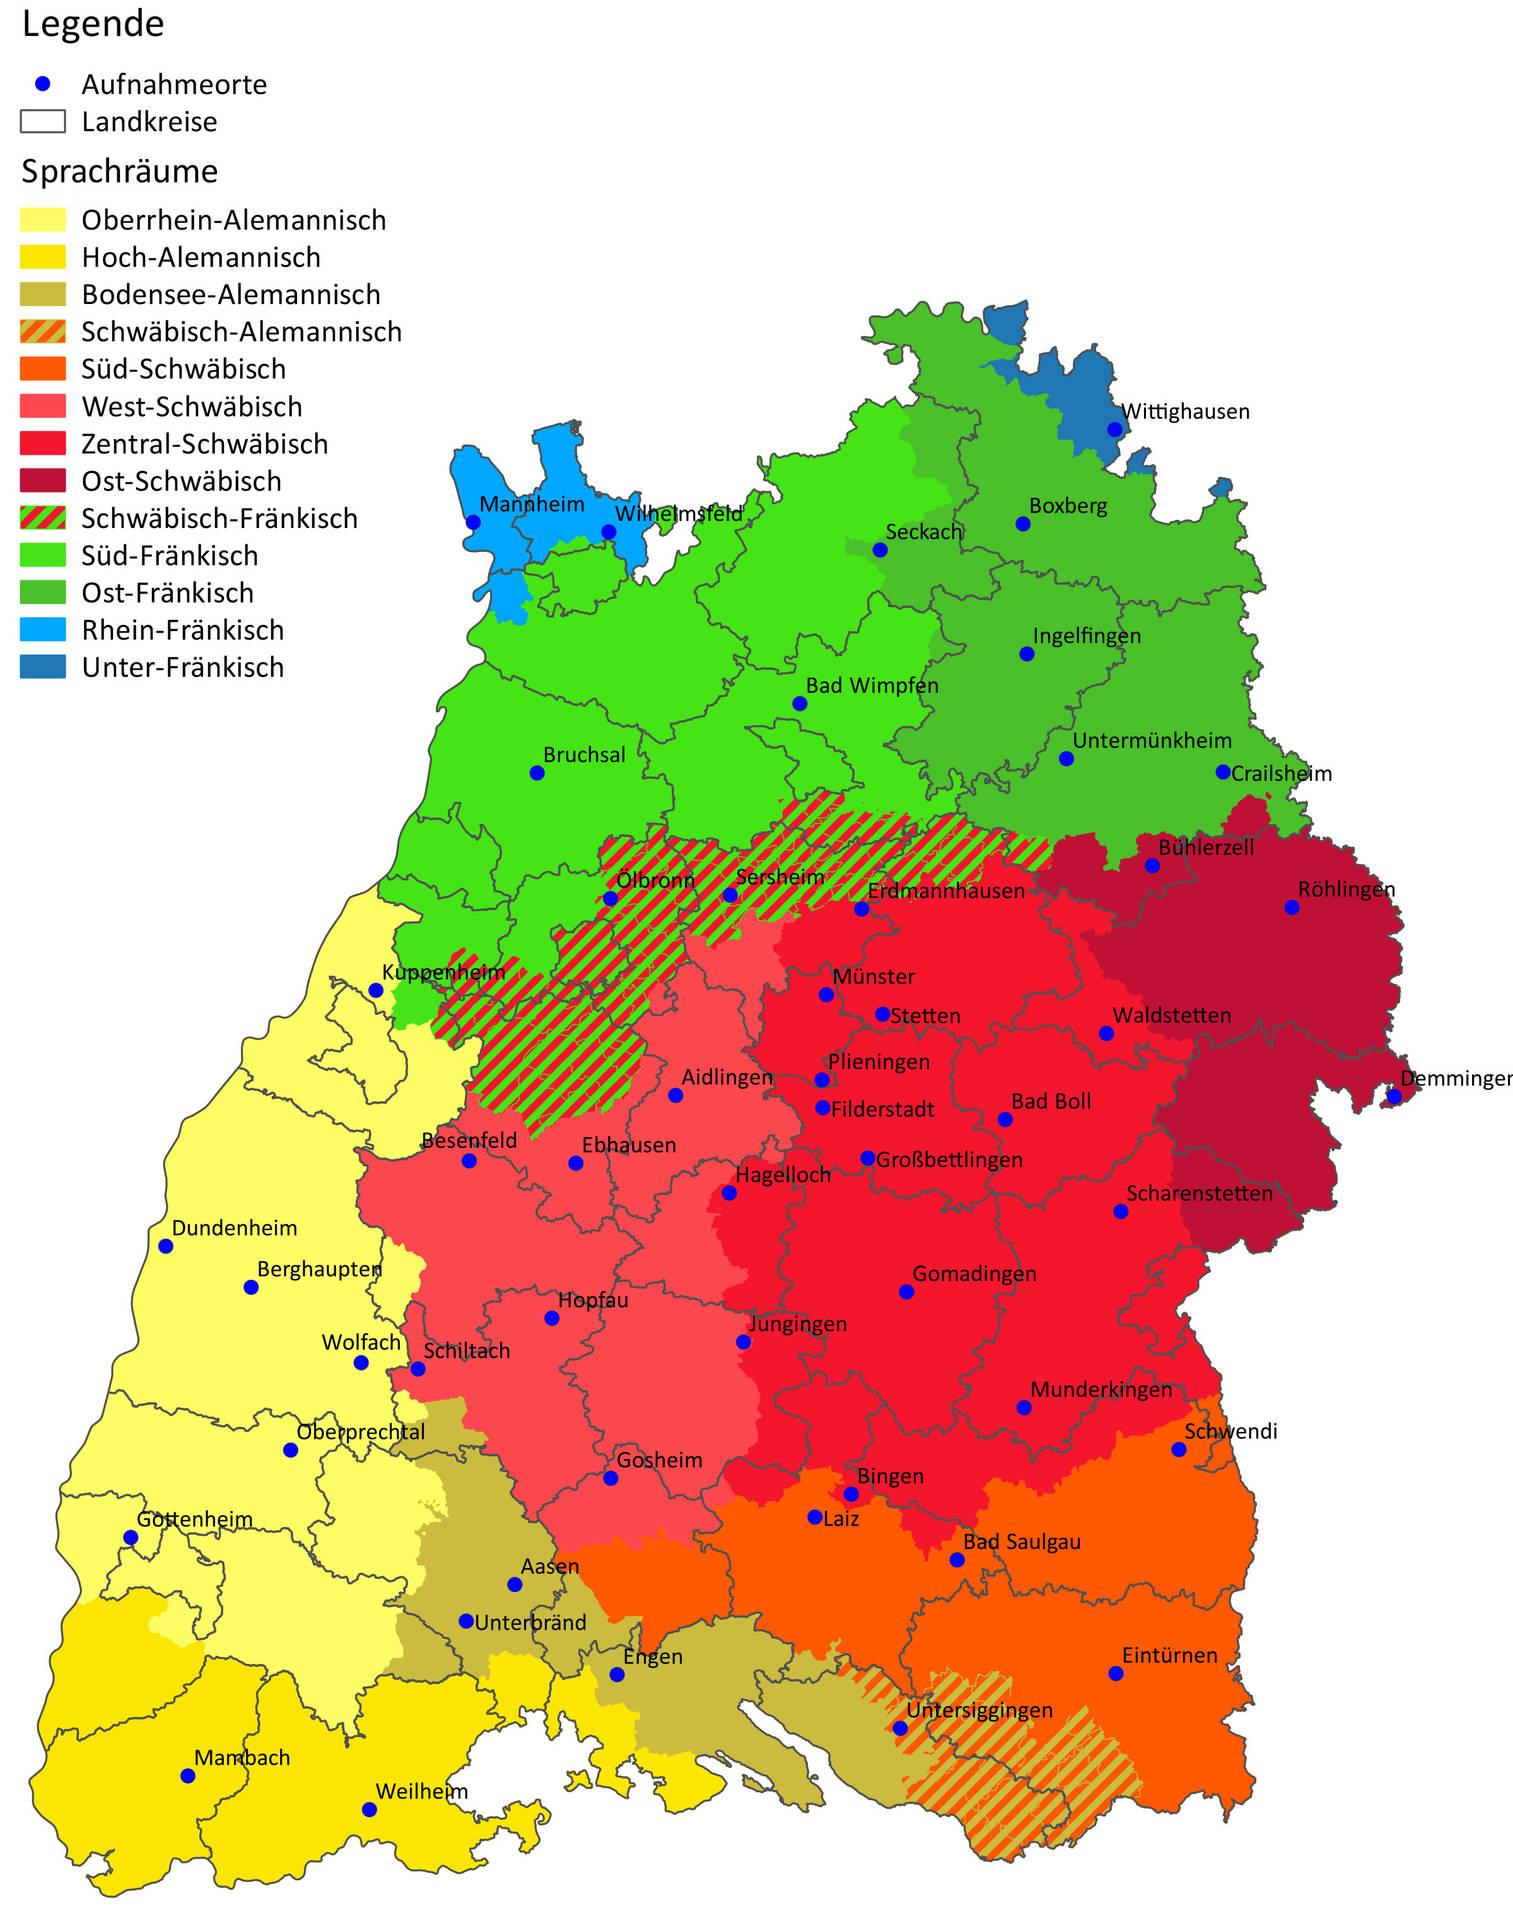 Die Karte zeigt die Verteilung der Dialekte in Baden-Württemberg. Schwäbische Dialekte in rot, die Hohenloher Mundart in dunklerem und der südfränkische Dialekt in hellerem Grün. Südlich von Heilbronn beginnt der schwäbisch-fränkische Übergangsbereich. Quelle: Ludwig-Uhland-Institut der Universität Tübingen